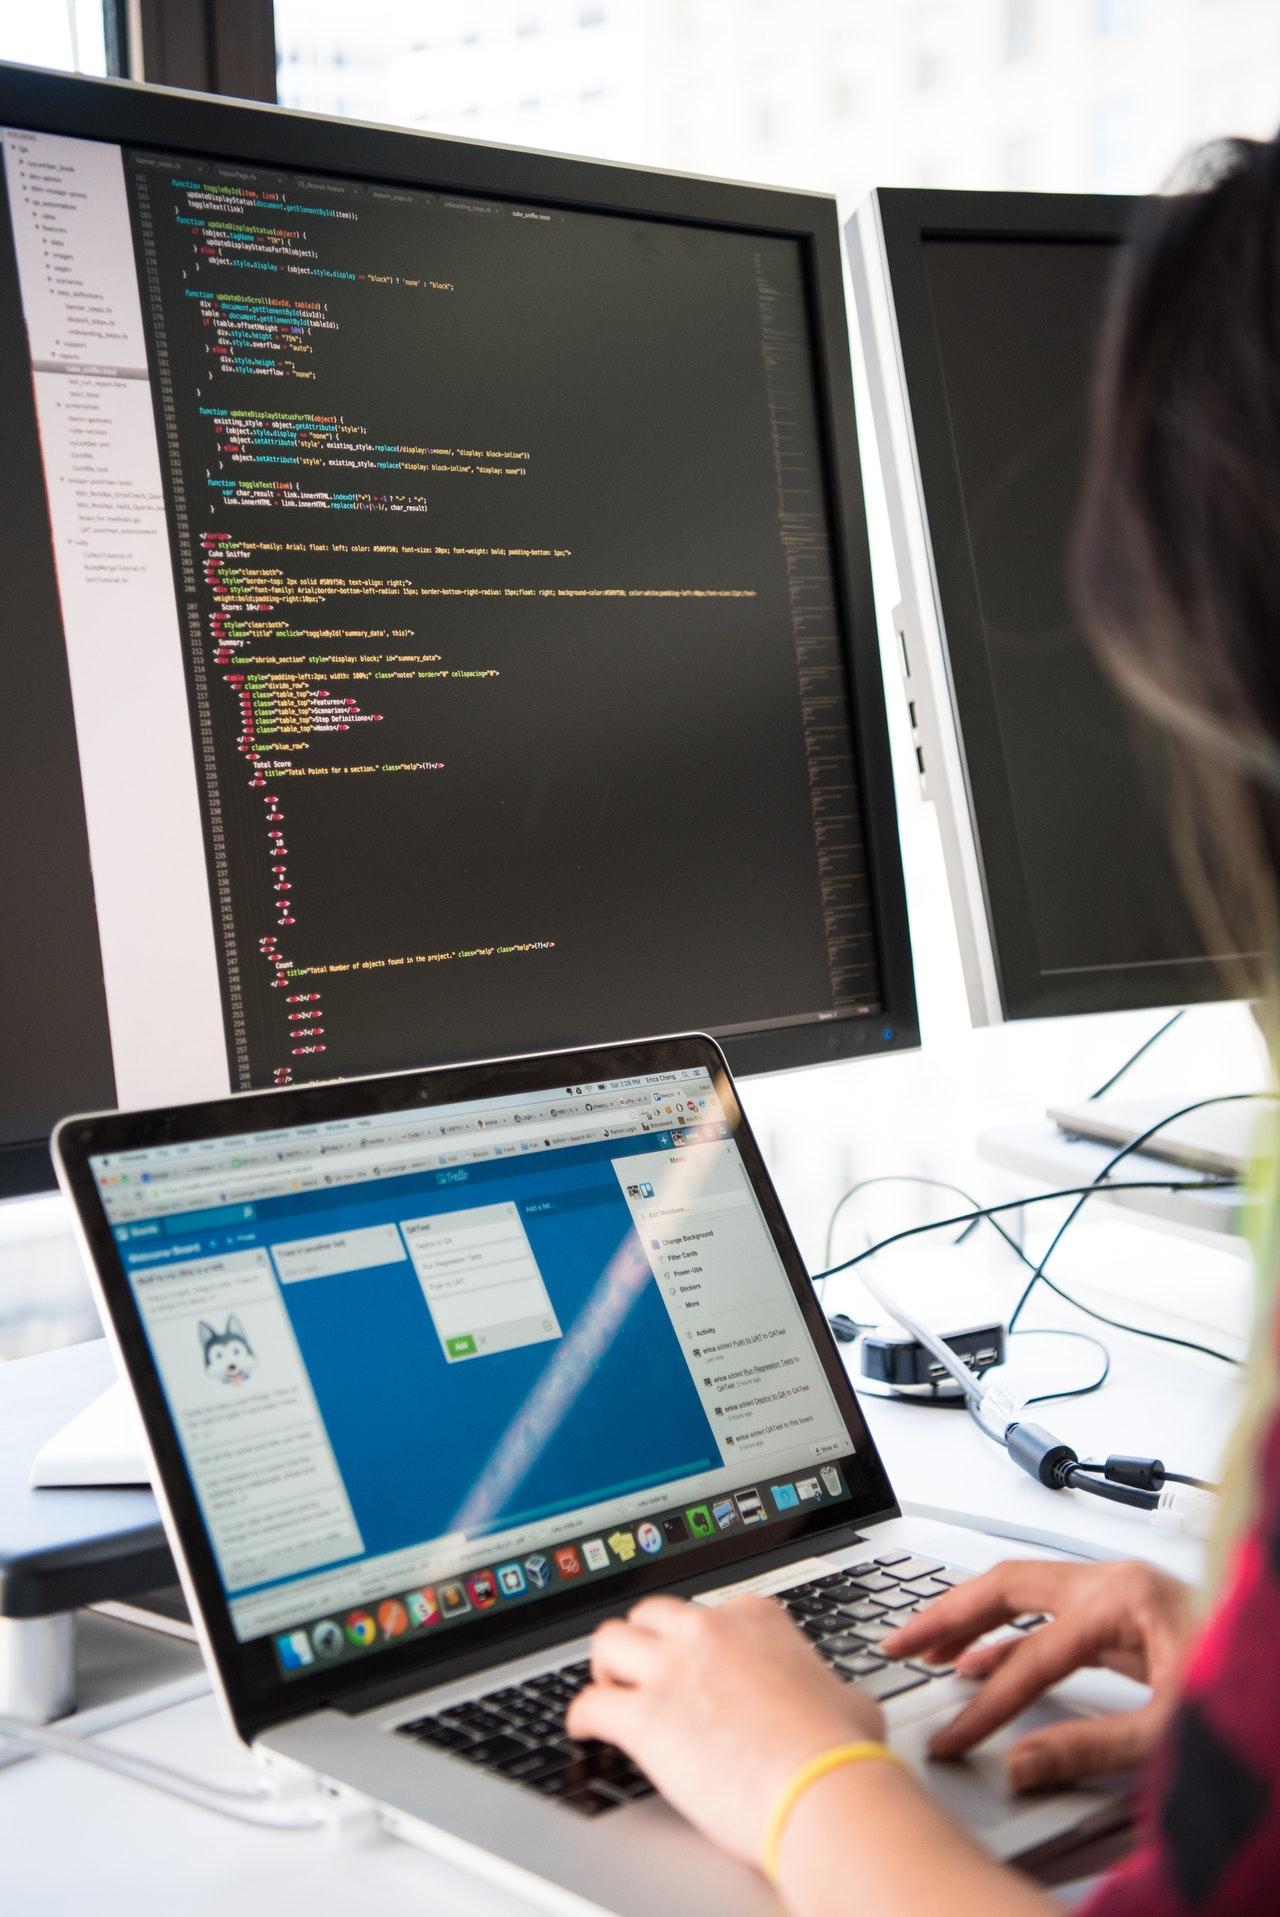 SAS wskazuje 4 obszary rozwoju biznesu w 2021 roku